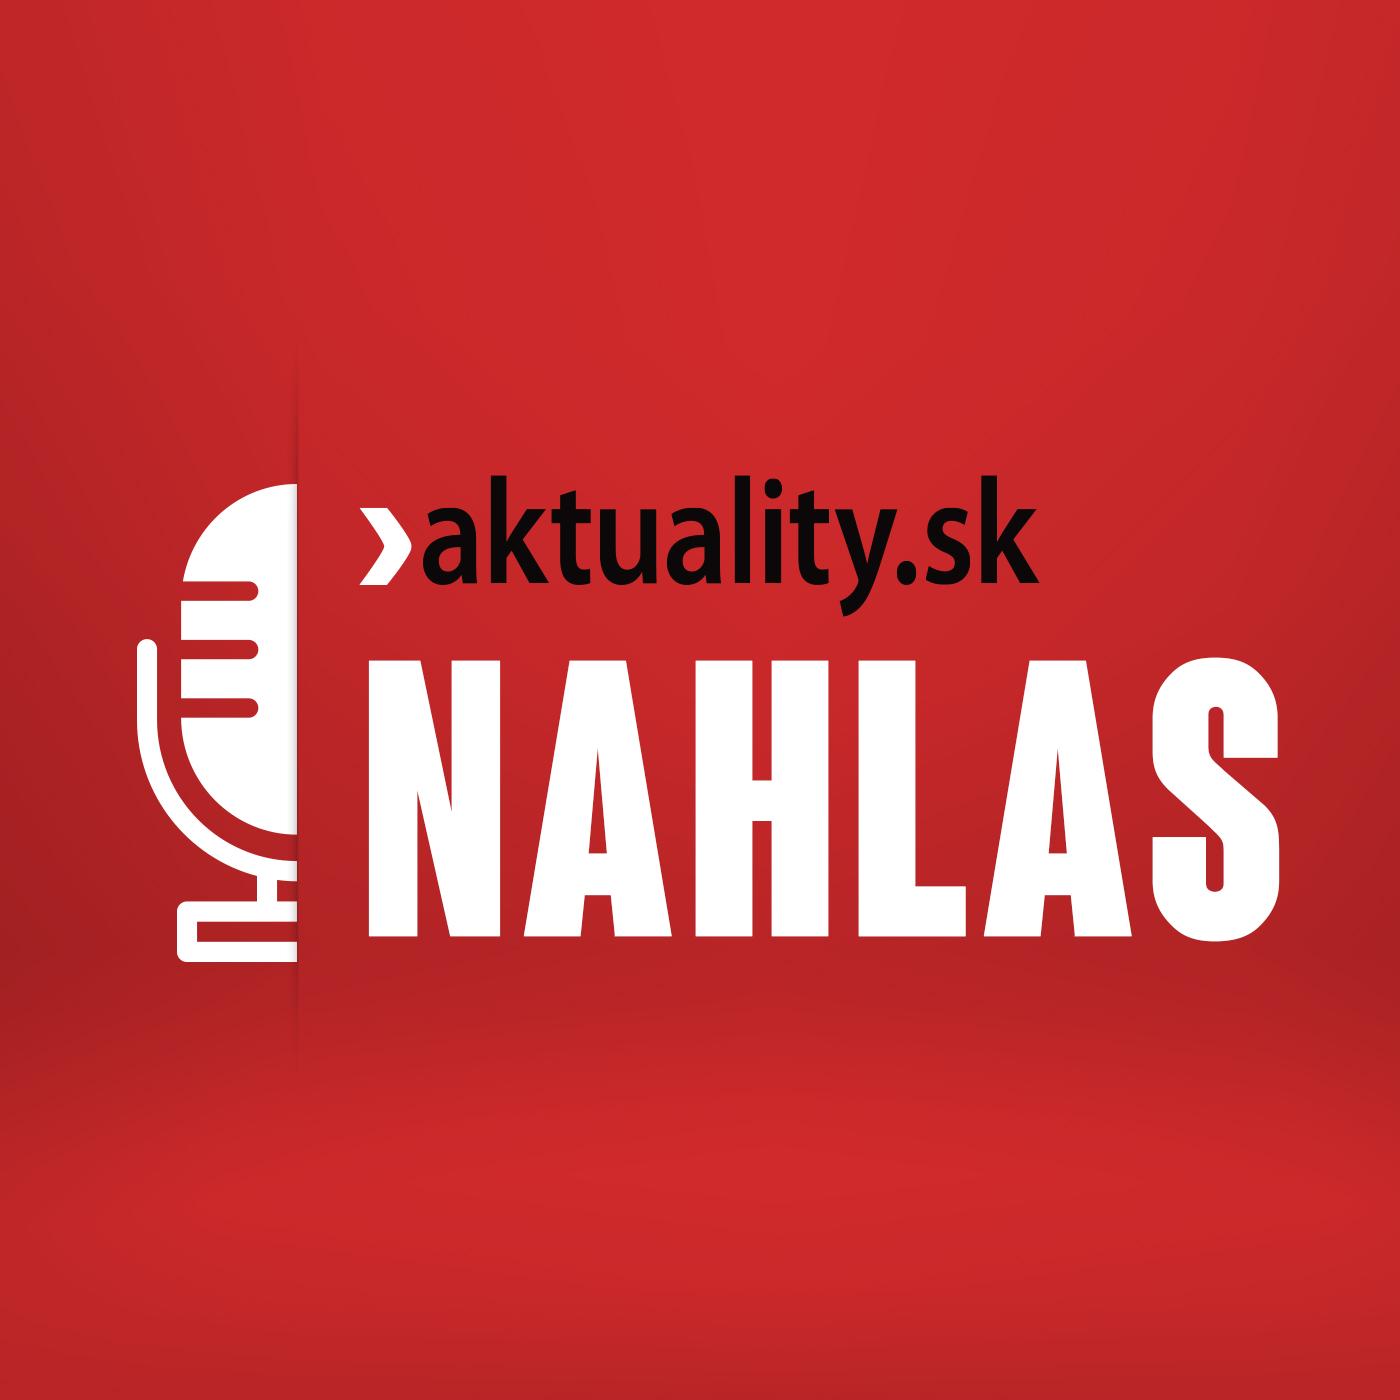 NAHLAS |aktuality.sk show art